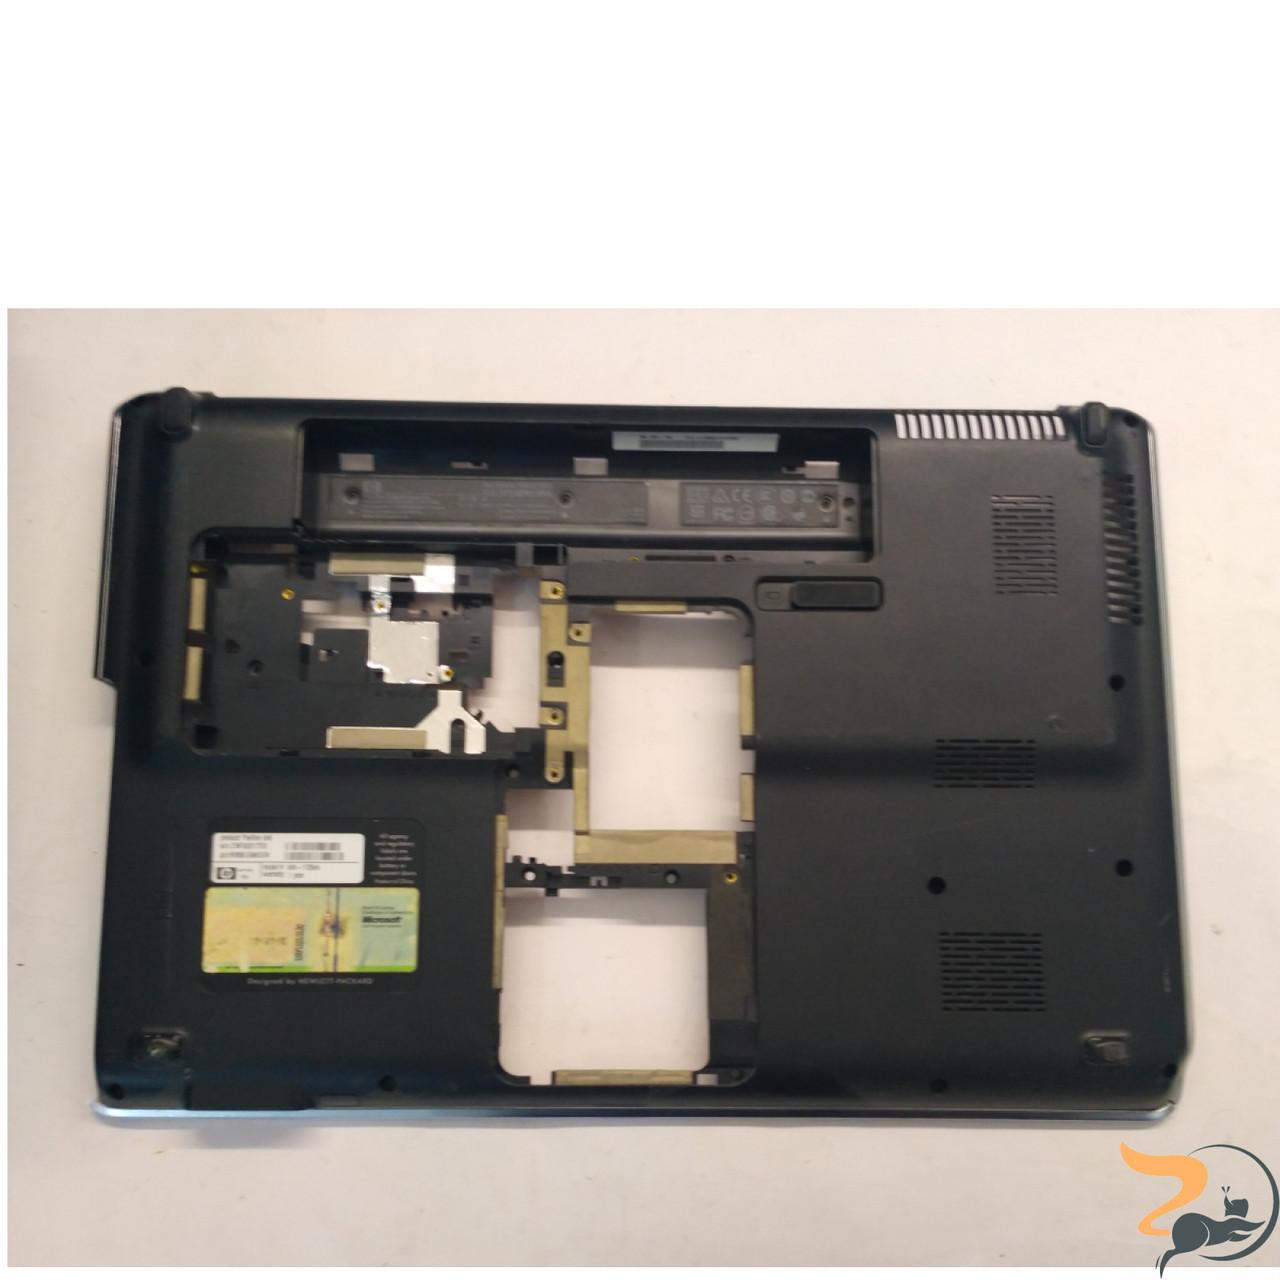 """Нижня частина корпуса для ноутбука HP Pavilion dv6-1125eo, 15.6"""", 532737-001, Б/В. Всі кріплення цілі.Без пошкоджень"""